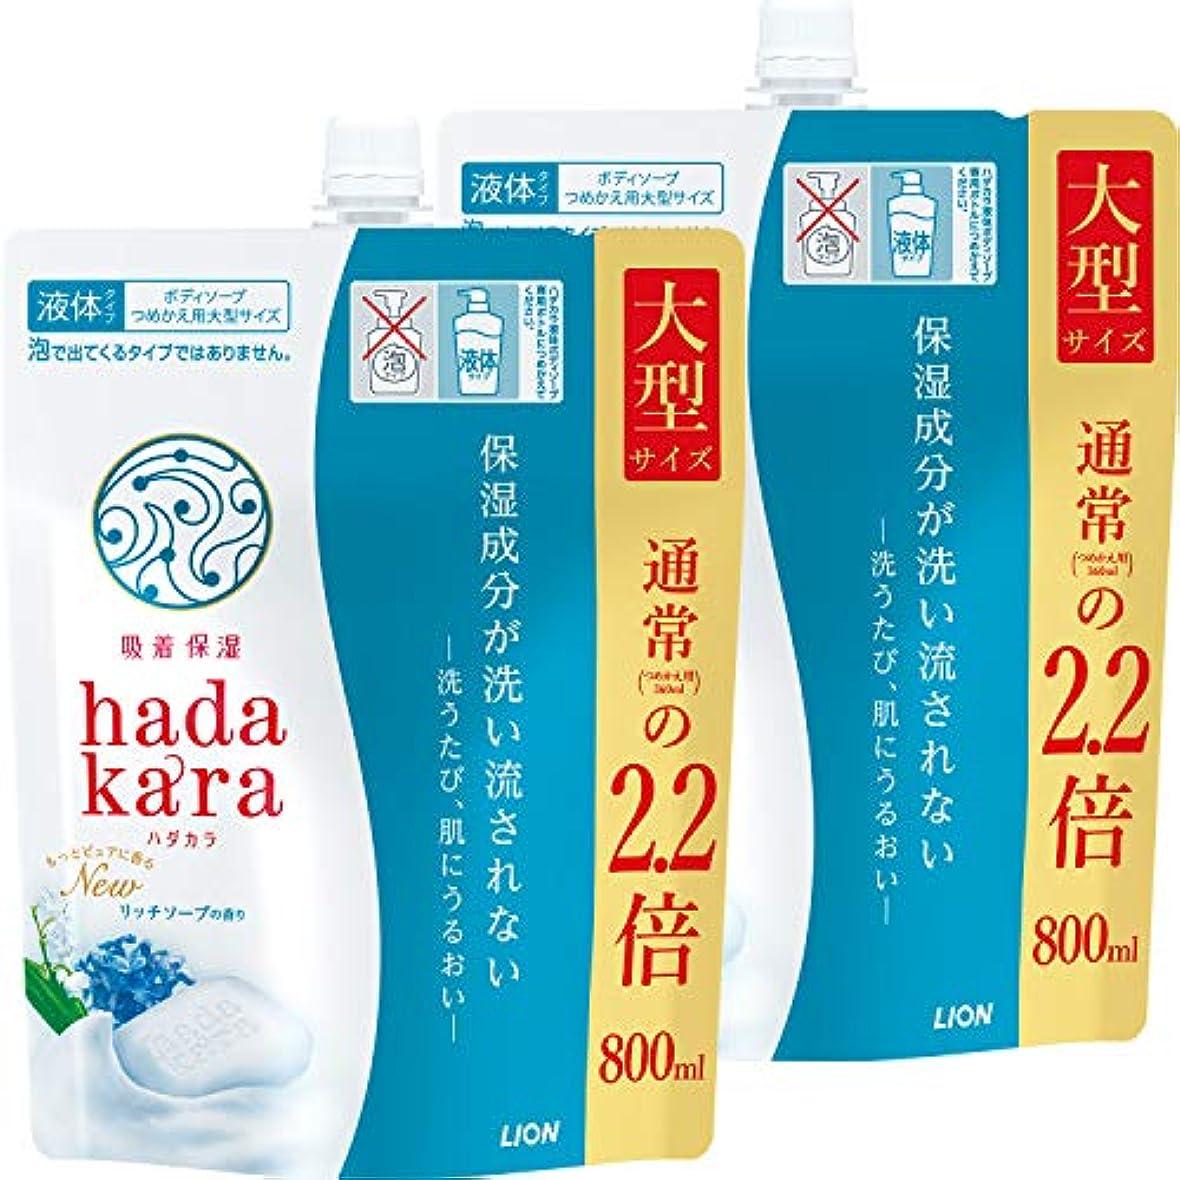 逸脱ナイロン引き受けるhadakara(ハダカラ) ボディソープ リッチソープの香り つめかえ用大型サイズ 800ml×2個